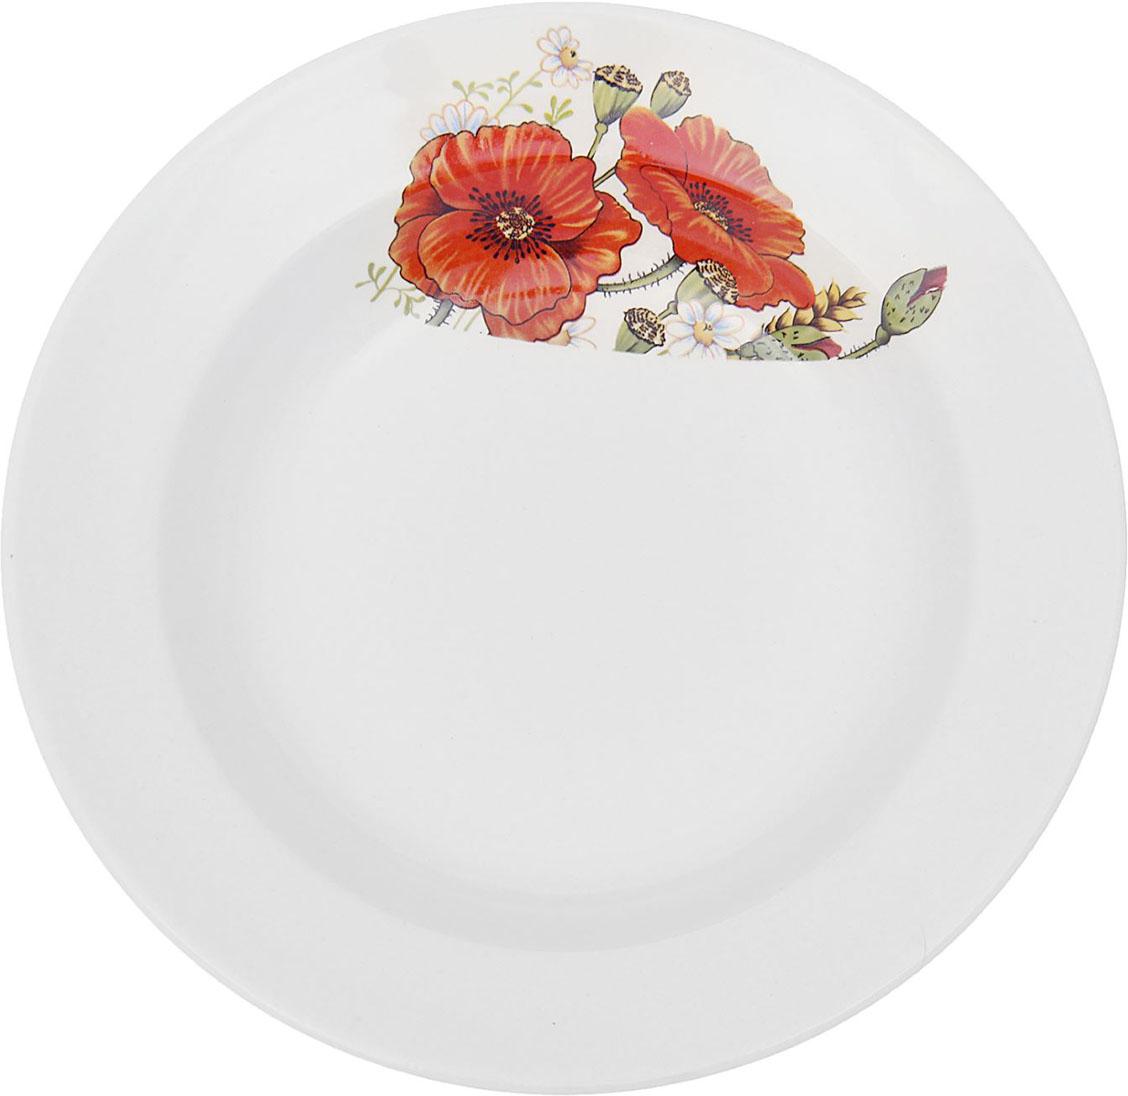 Тарелка глубокая Керамика ручной работы Красный мак, диаметр 20 см1821323Данная тарелка понравится любителям вкусной и полезной домашней пищи. Такая посуда практична и красива, в ней можно хранить и подавать разнообразные блюда. При многократном использовании изделие сохранит свой вид и выдержит мытье в посудомоечной машине. В керамической емкости горячая пища долго сохраняет свое тепло, остуженные блюда остаются прохладными. Изделие не выделяет вредных веществ при нагревании и длительном хранении за счет экологичности материала.